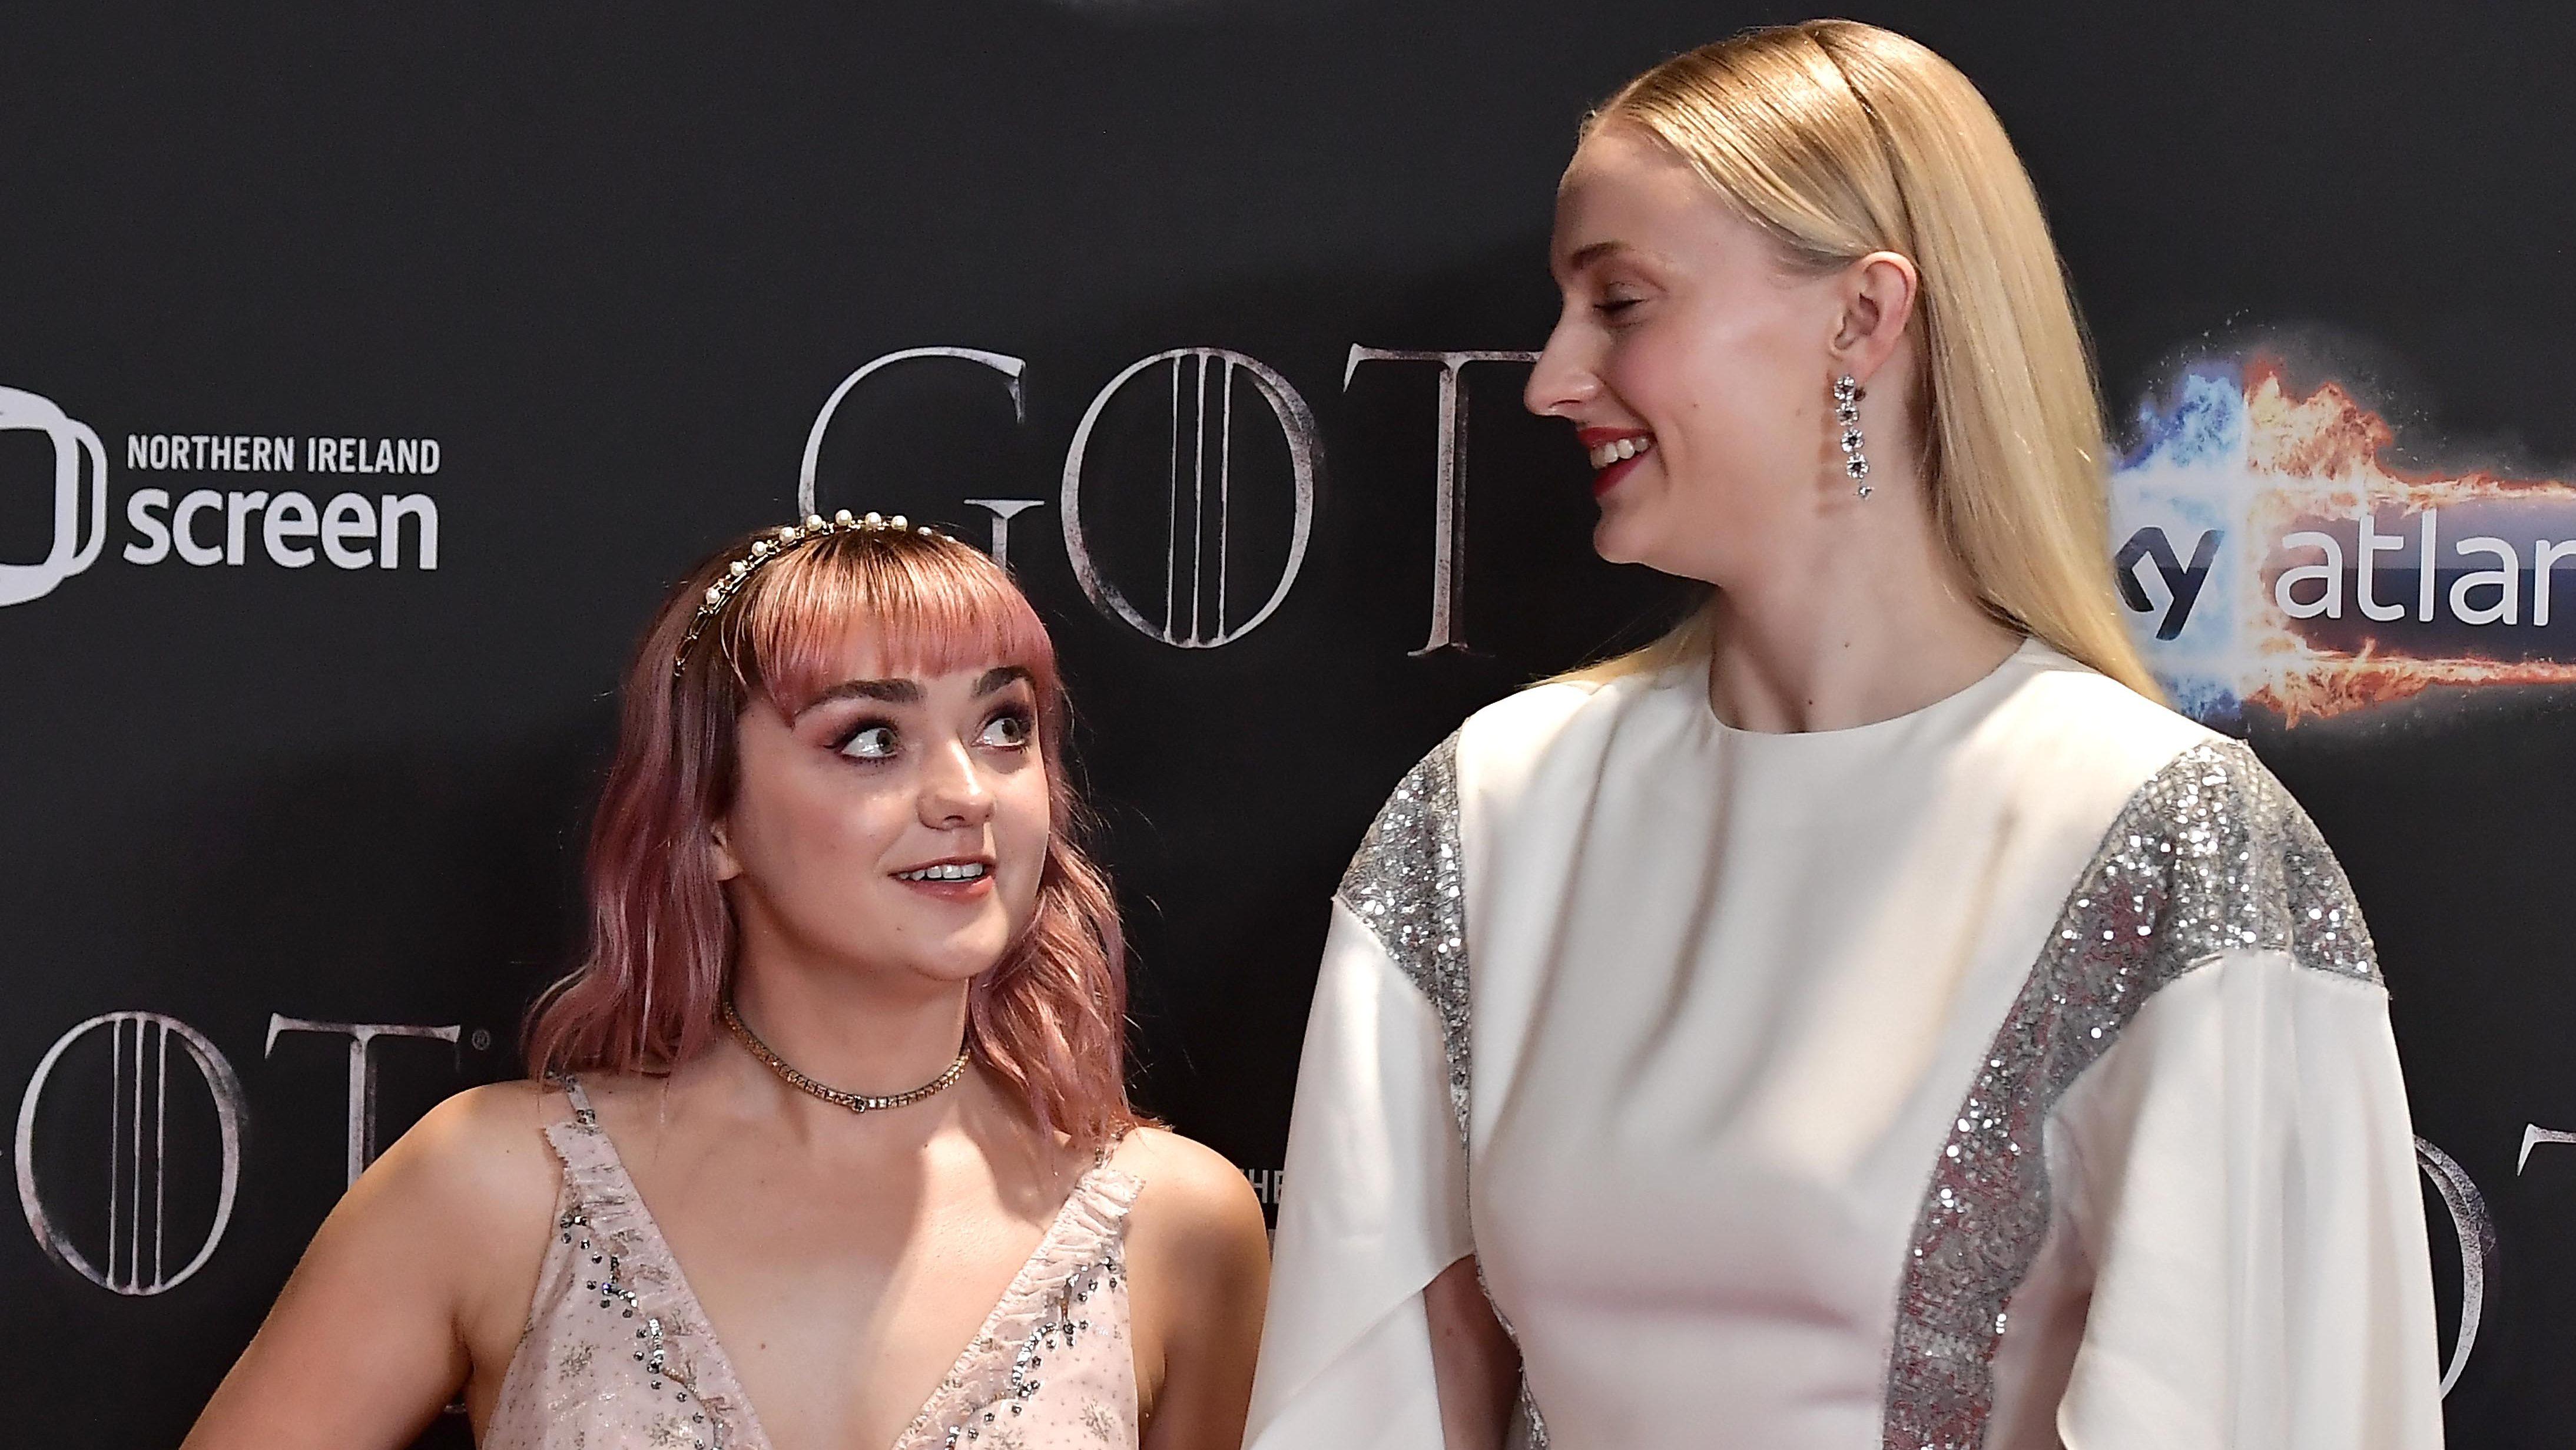 Sophie turner sex scene